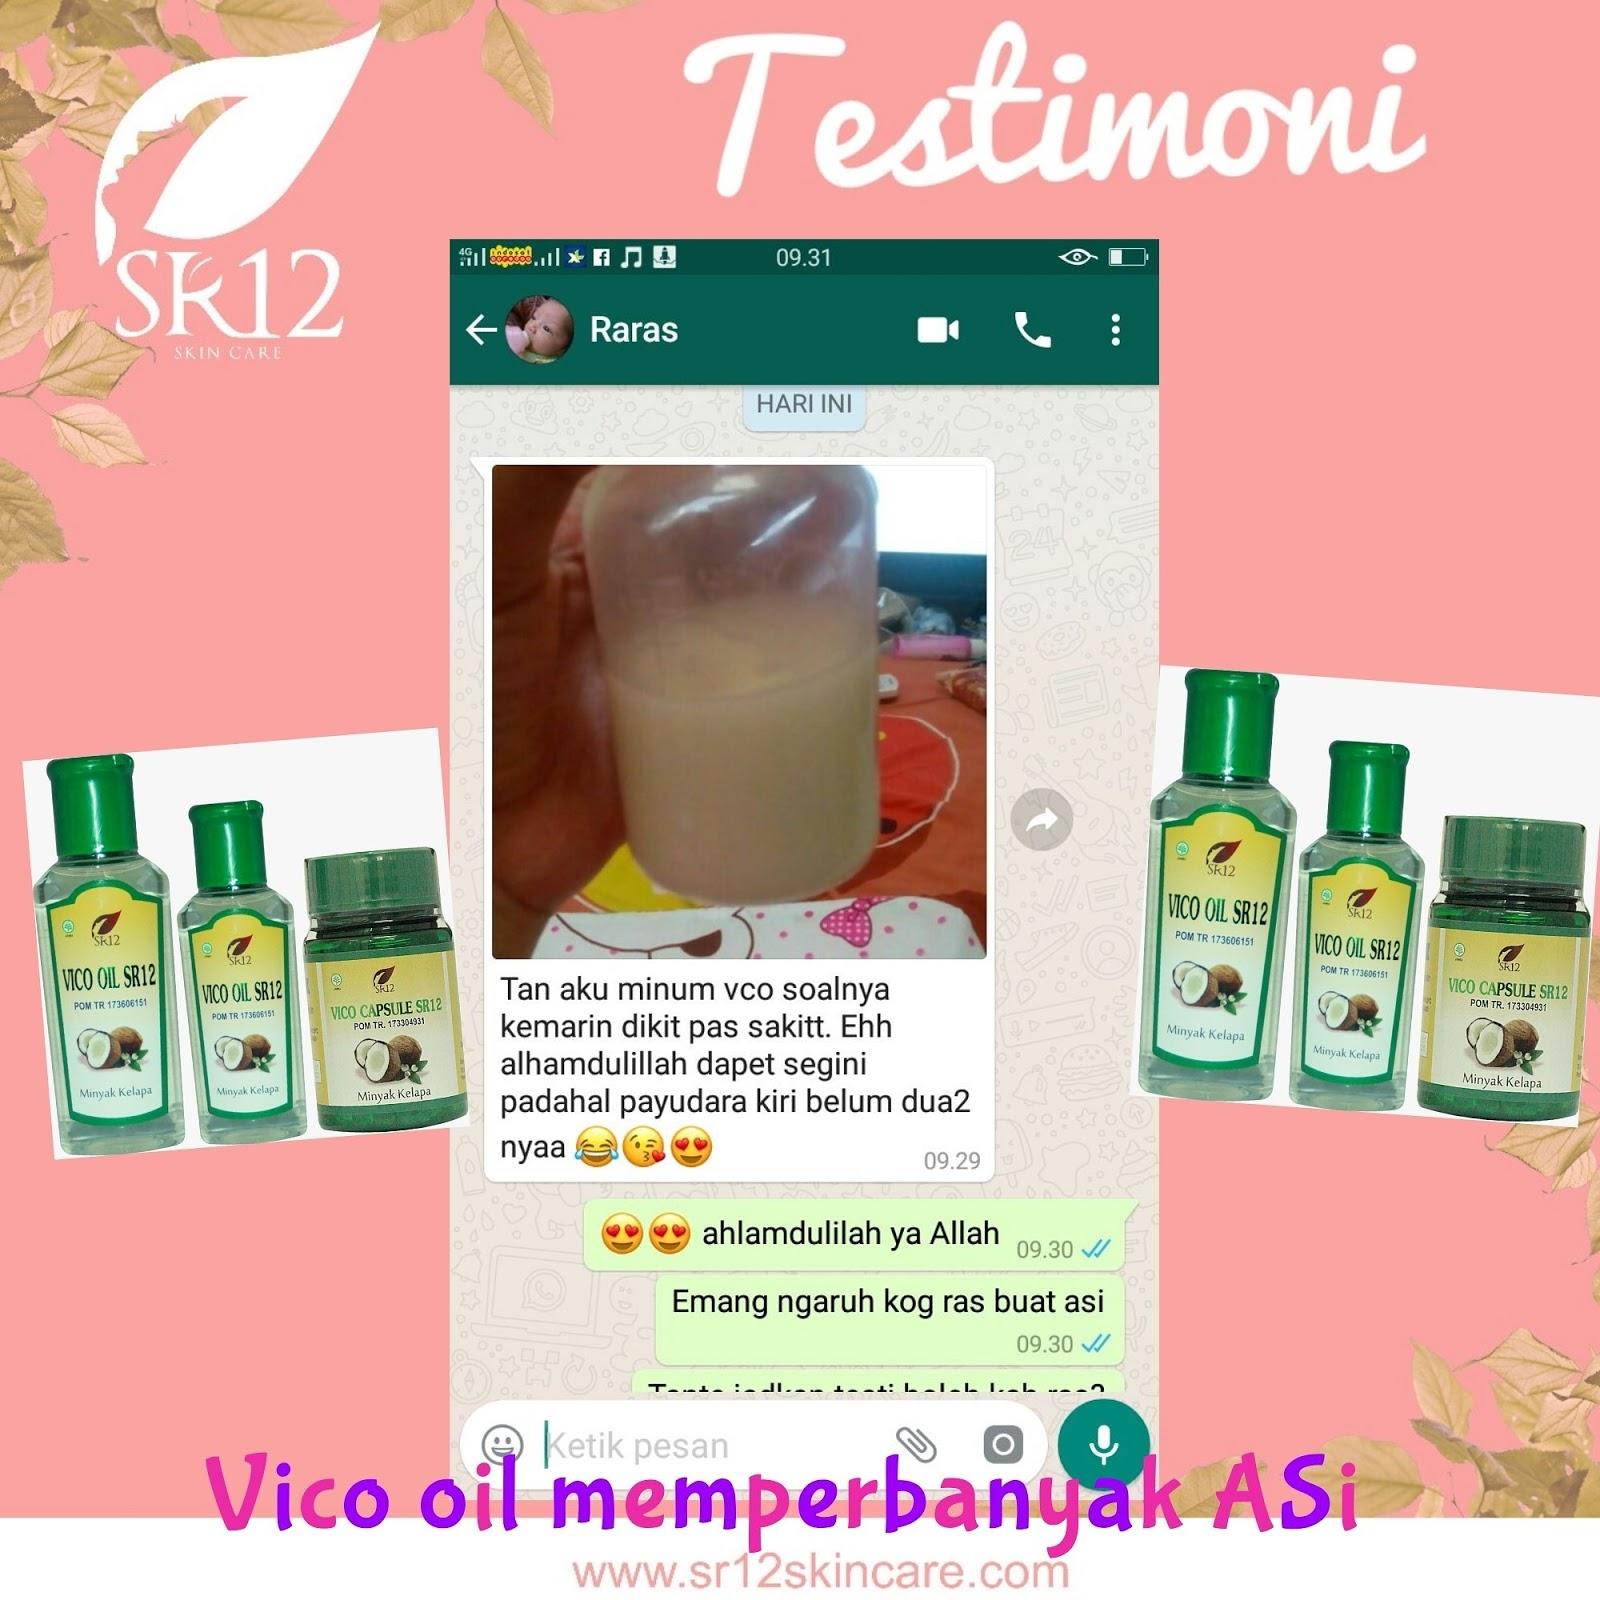 Sr12 Herbal Skincare Jakarta Manfaat Vico Oil Vco Untuk Ibu Salimah Slim Hamil Dan Menyusui